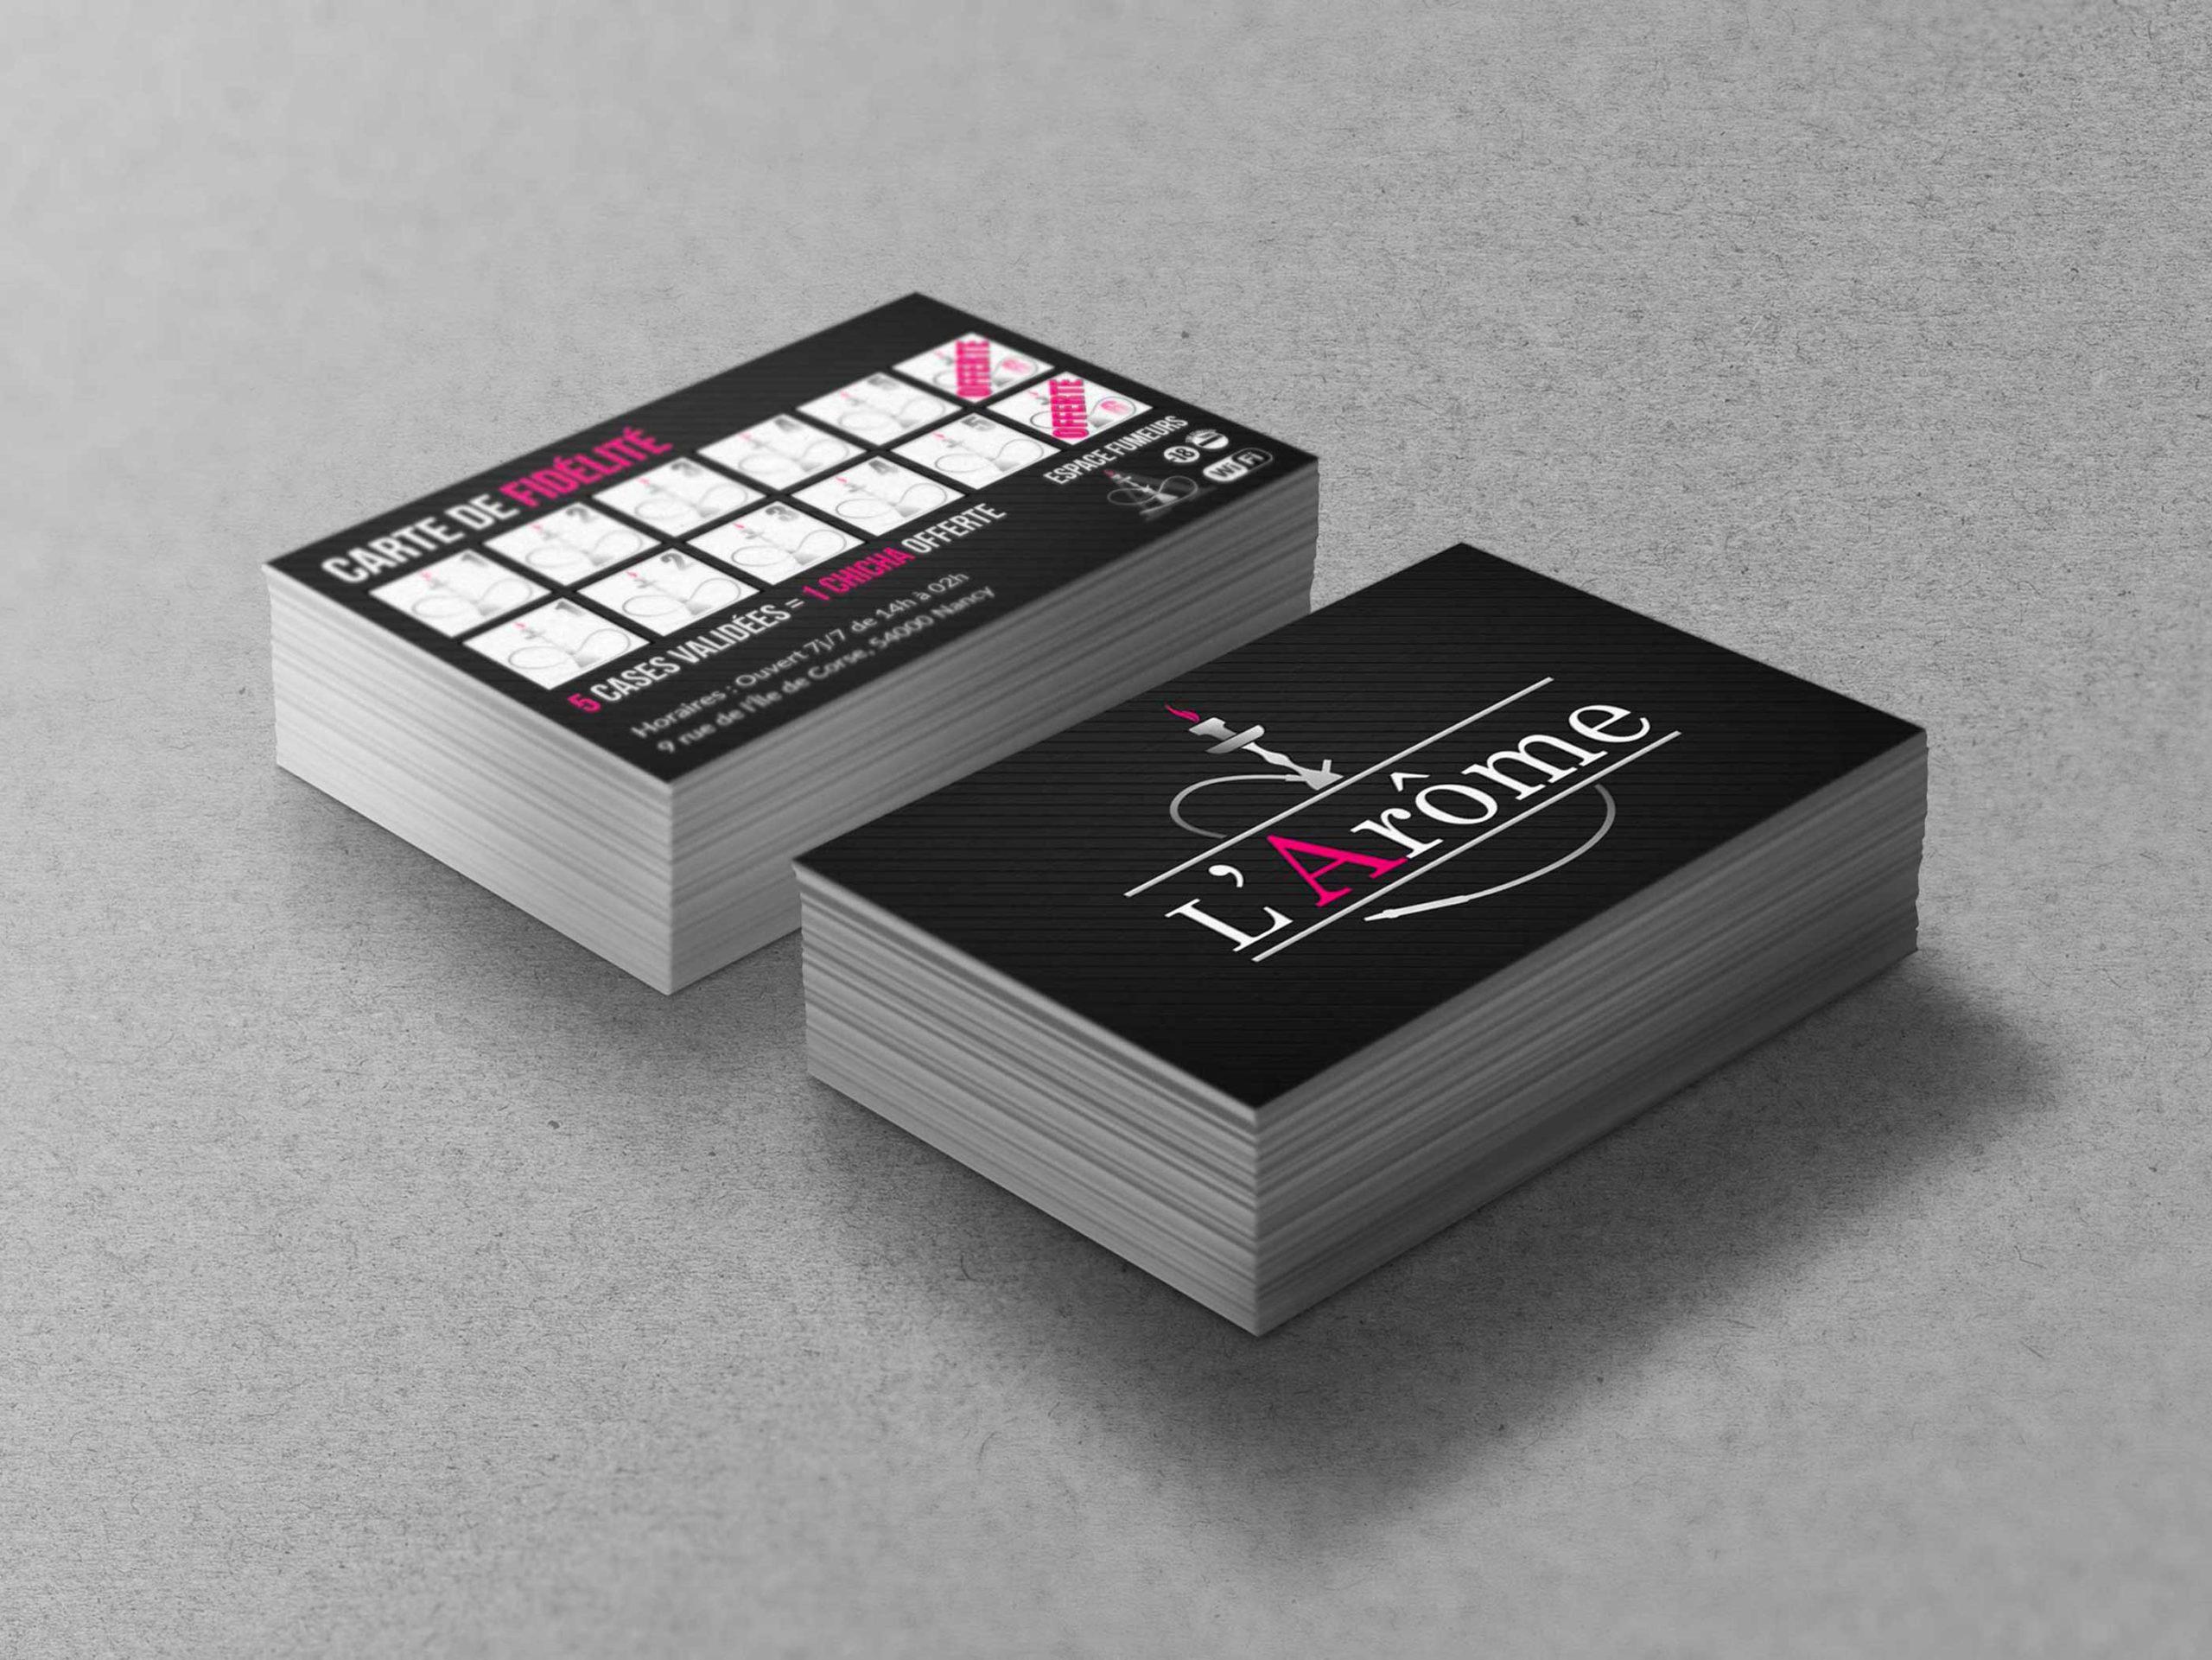 deux tas de cartes de visite posés sur un sol gris claire